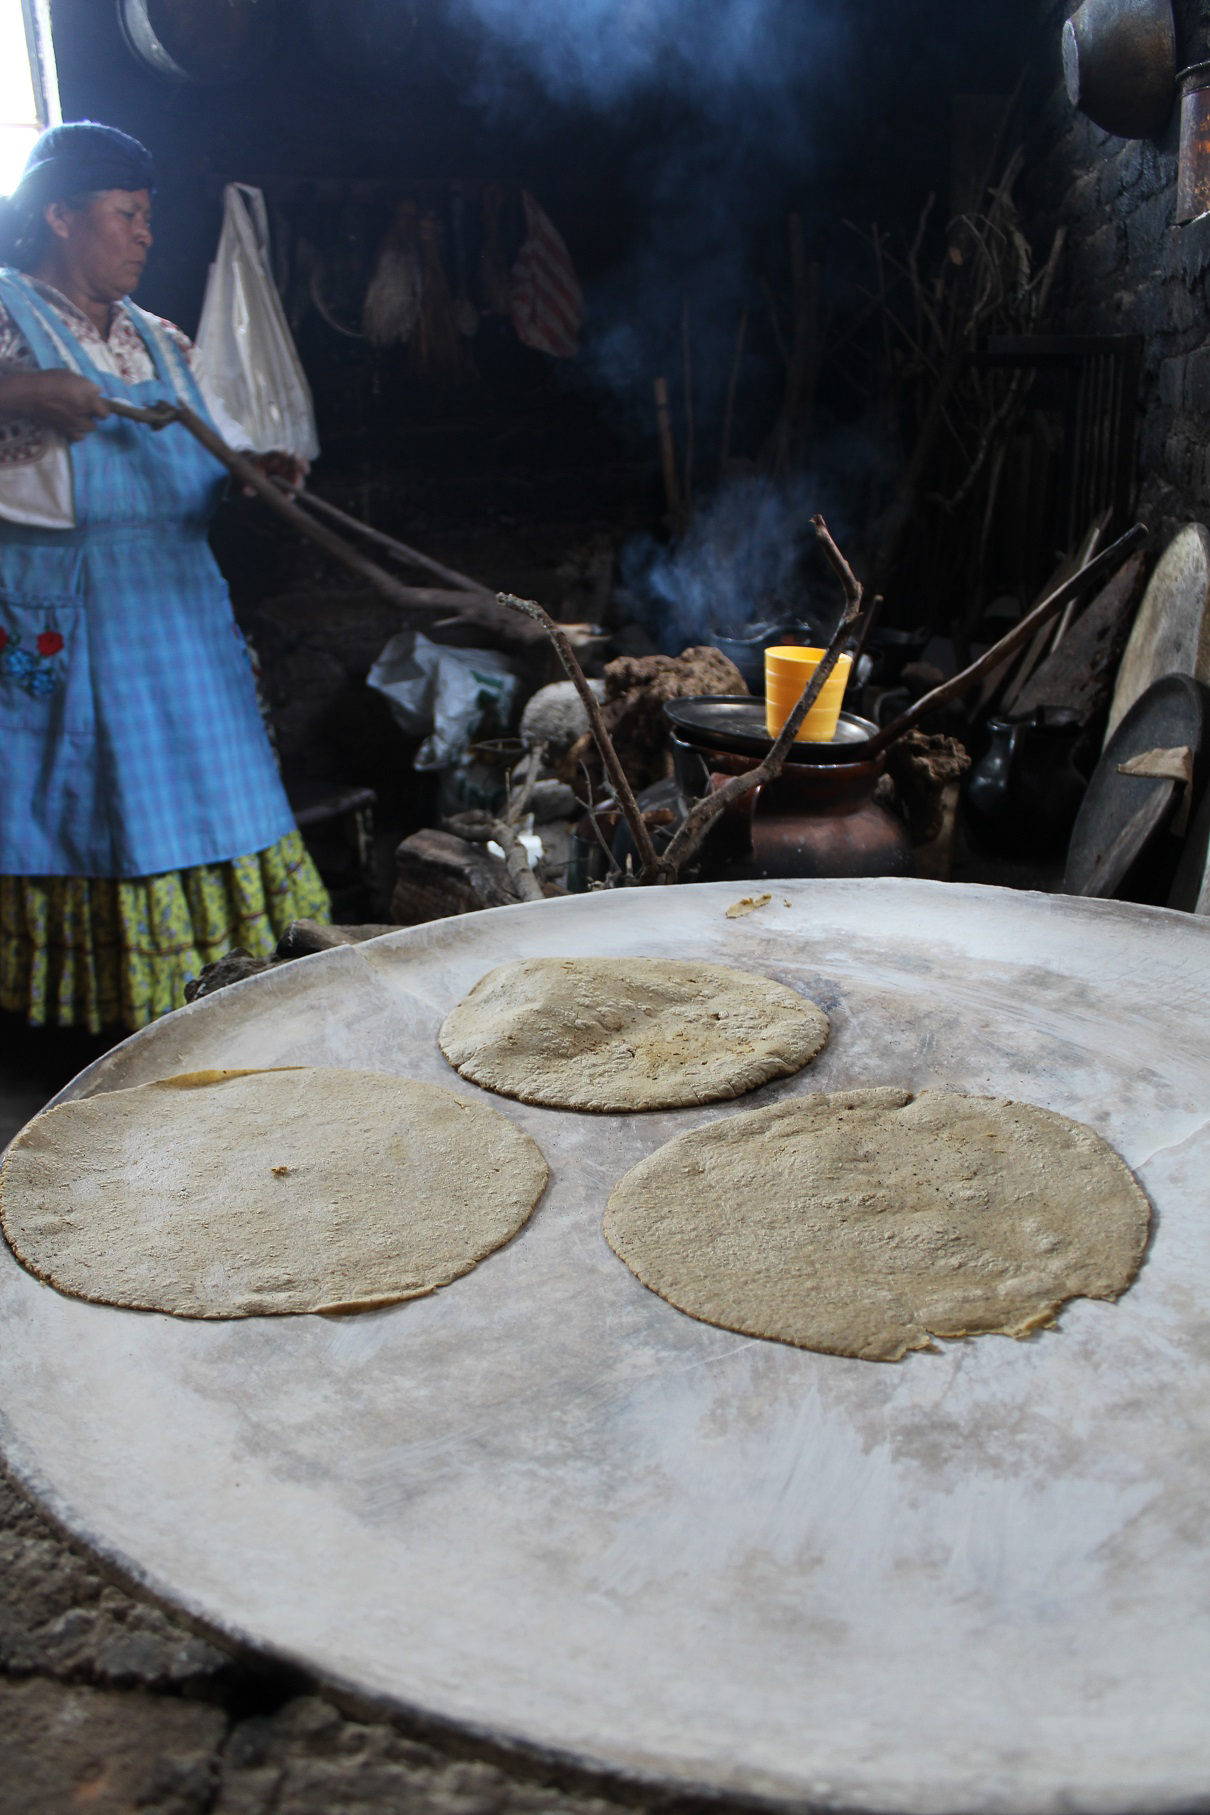 Tortillas made from freshly-ground masa cook on a&nbsp;comal&nbsp;inside a Mixe home. <em>Seth Jovaag (TTBOOK)</em>